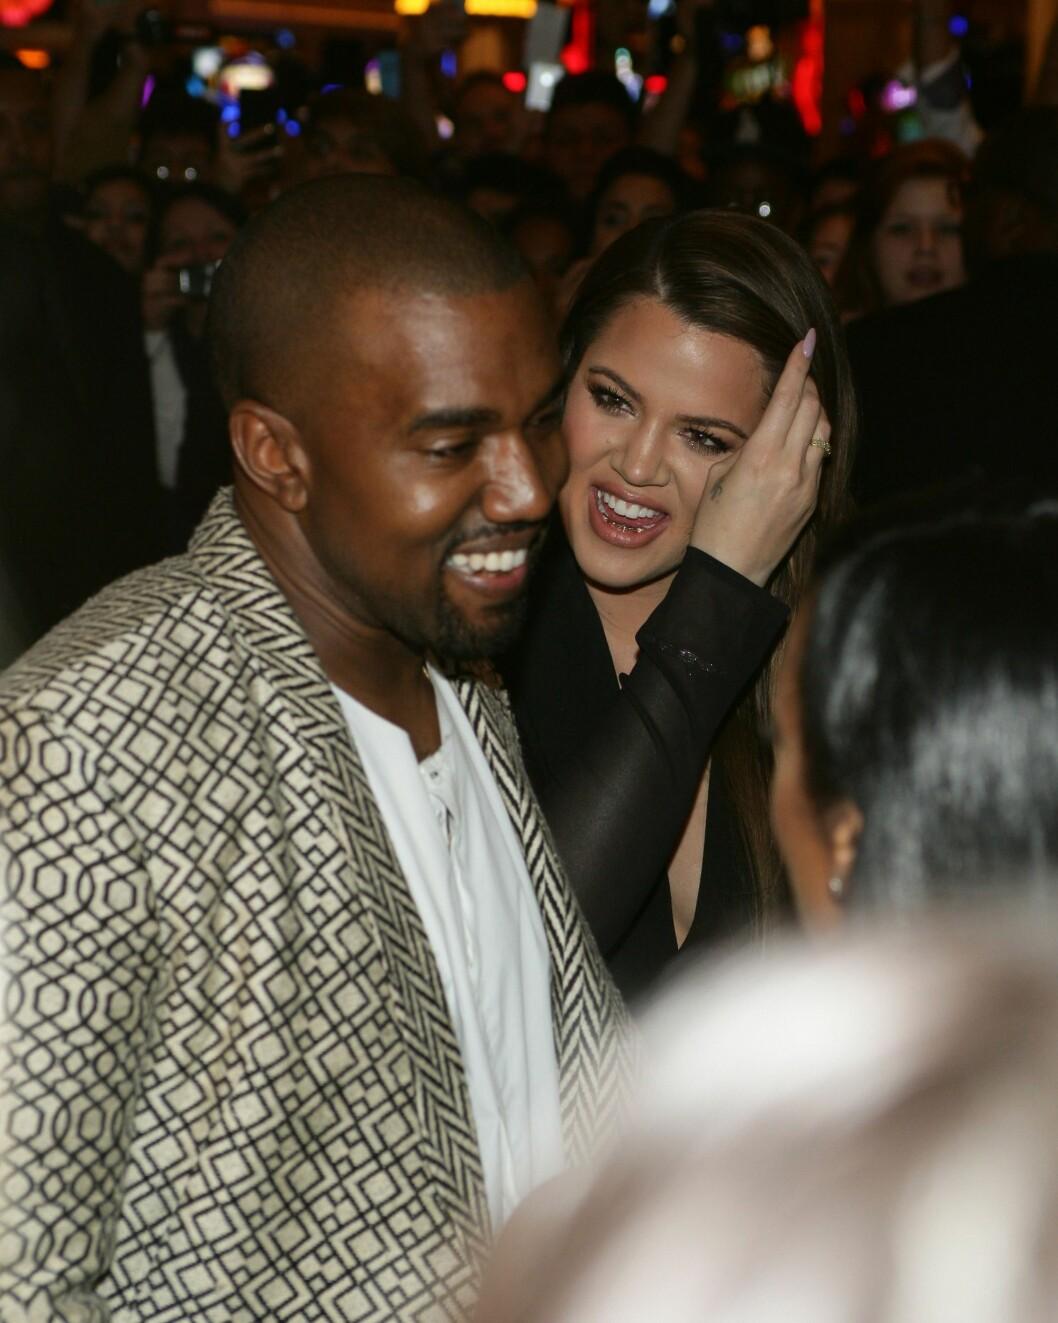 I GODT HUMØR: Kanye West og Khloé Kardashian slo smilende av en prat med kjente på TAO fredag kveld. Khloé feiret 30-årsdagen sin på den eksklusive nattklubben og restauranten i sommer. Foto: All Over Press